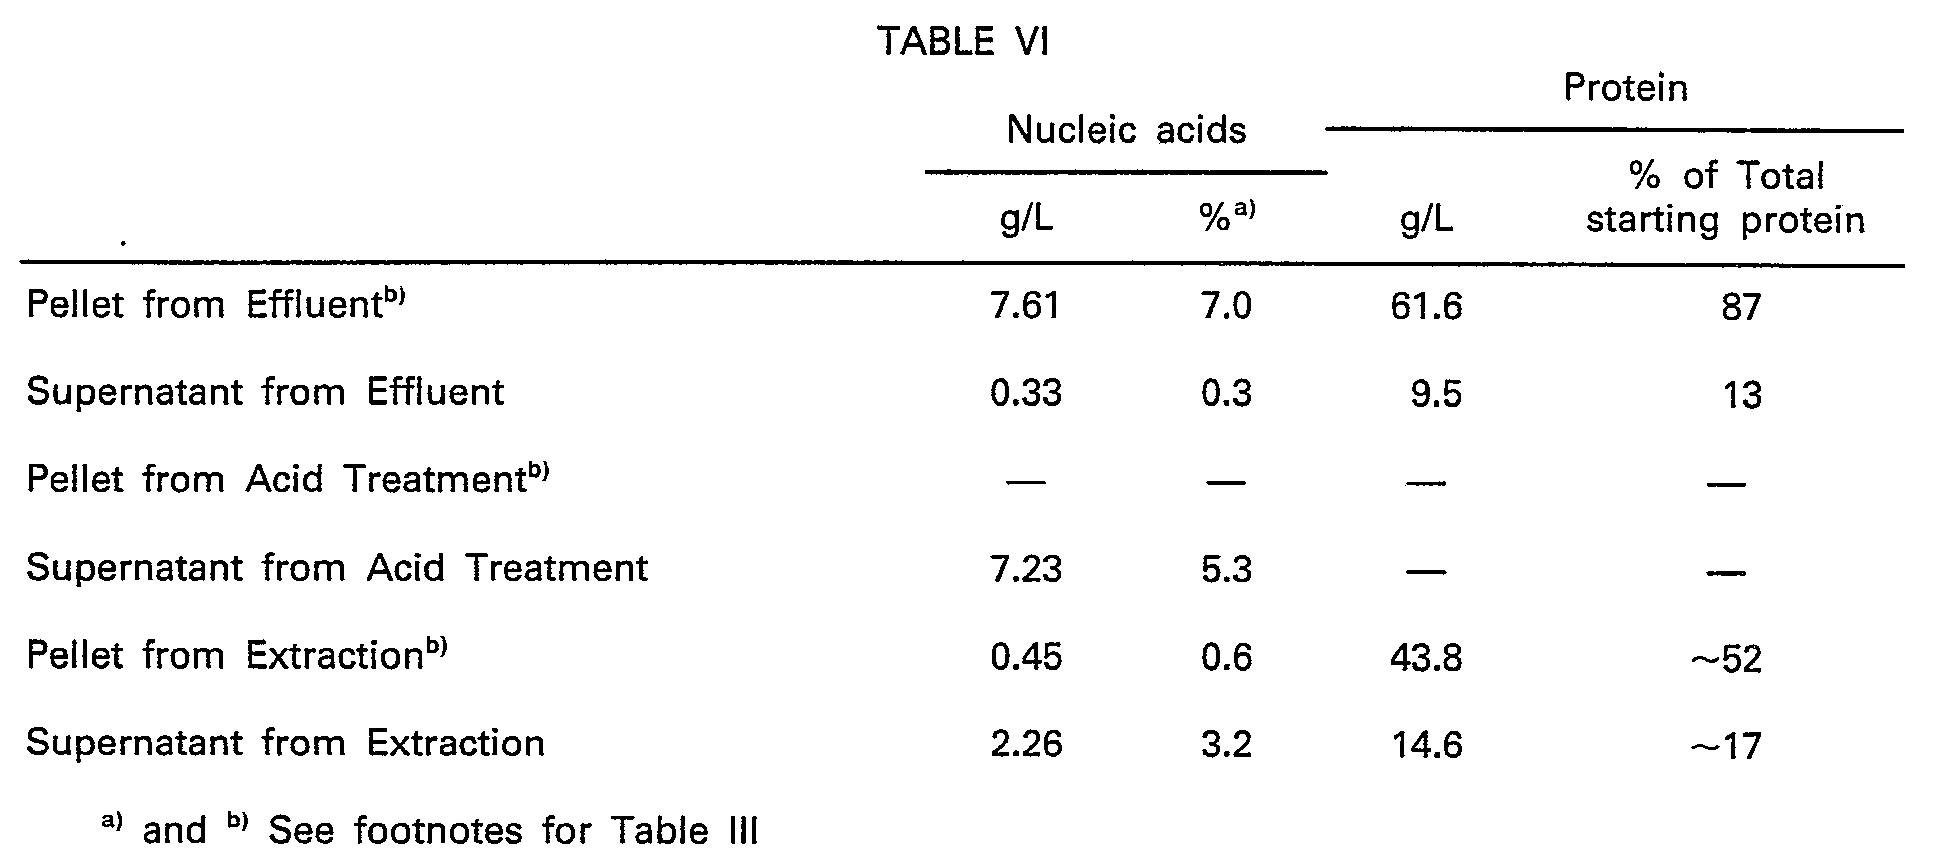 funciones acido urico sintomas del acido urico en el tobillo nivel normal de acido urico en la sangre